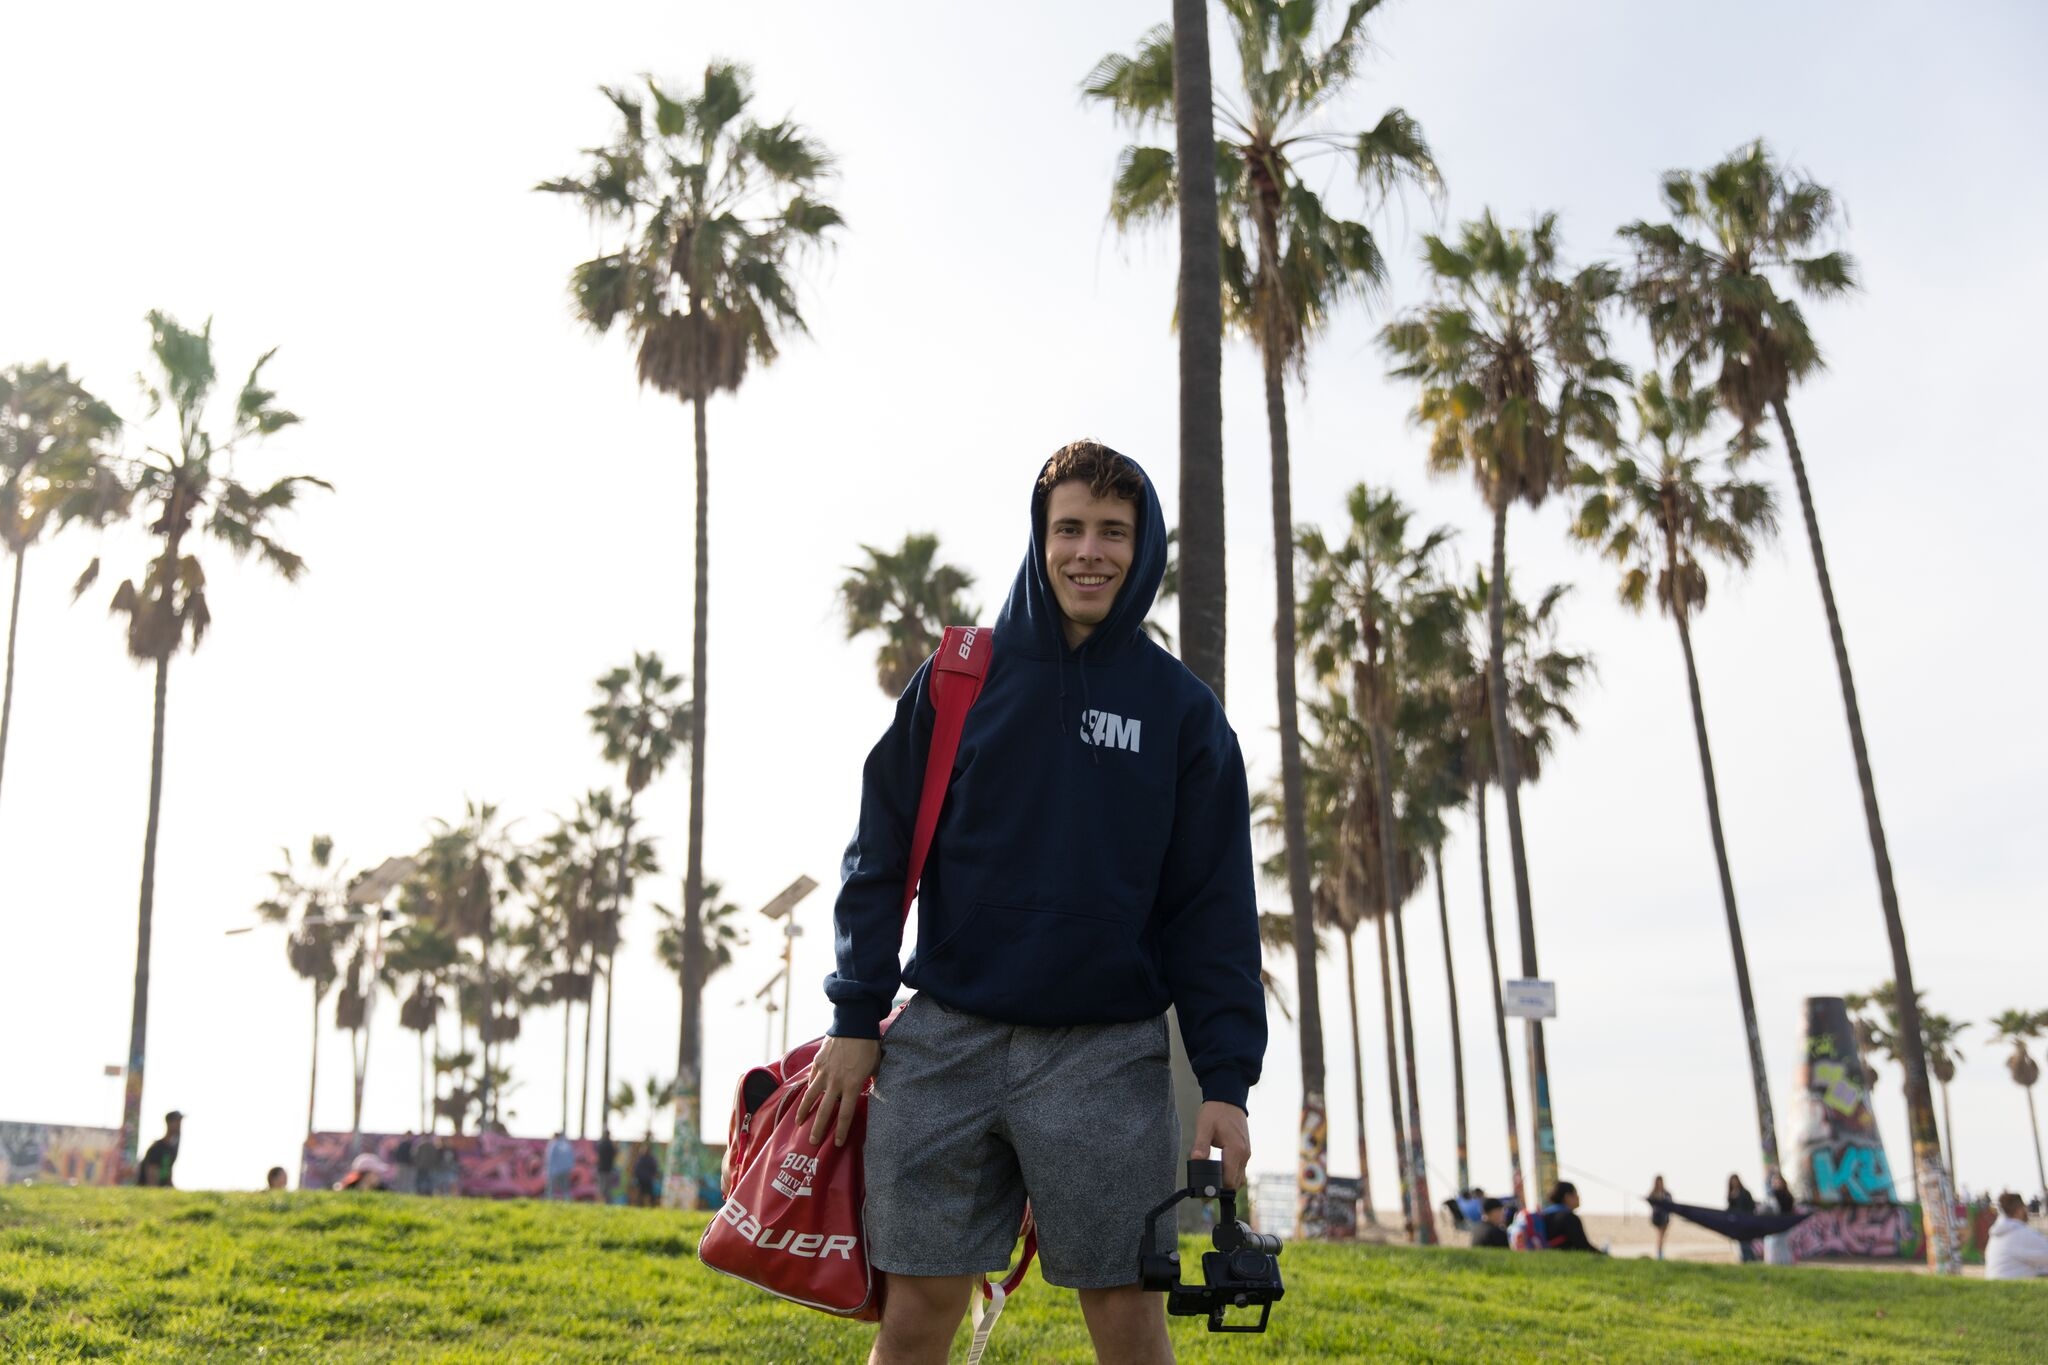 Arlin_Moore_Venice_Beach.jpg